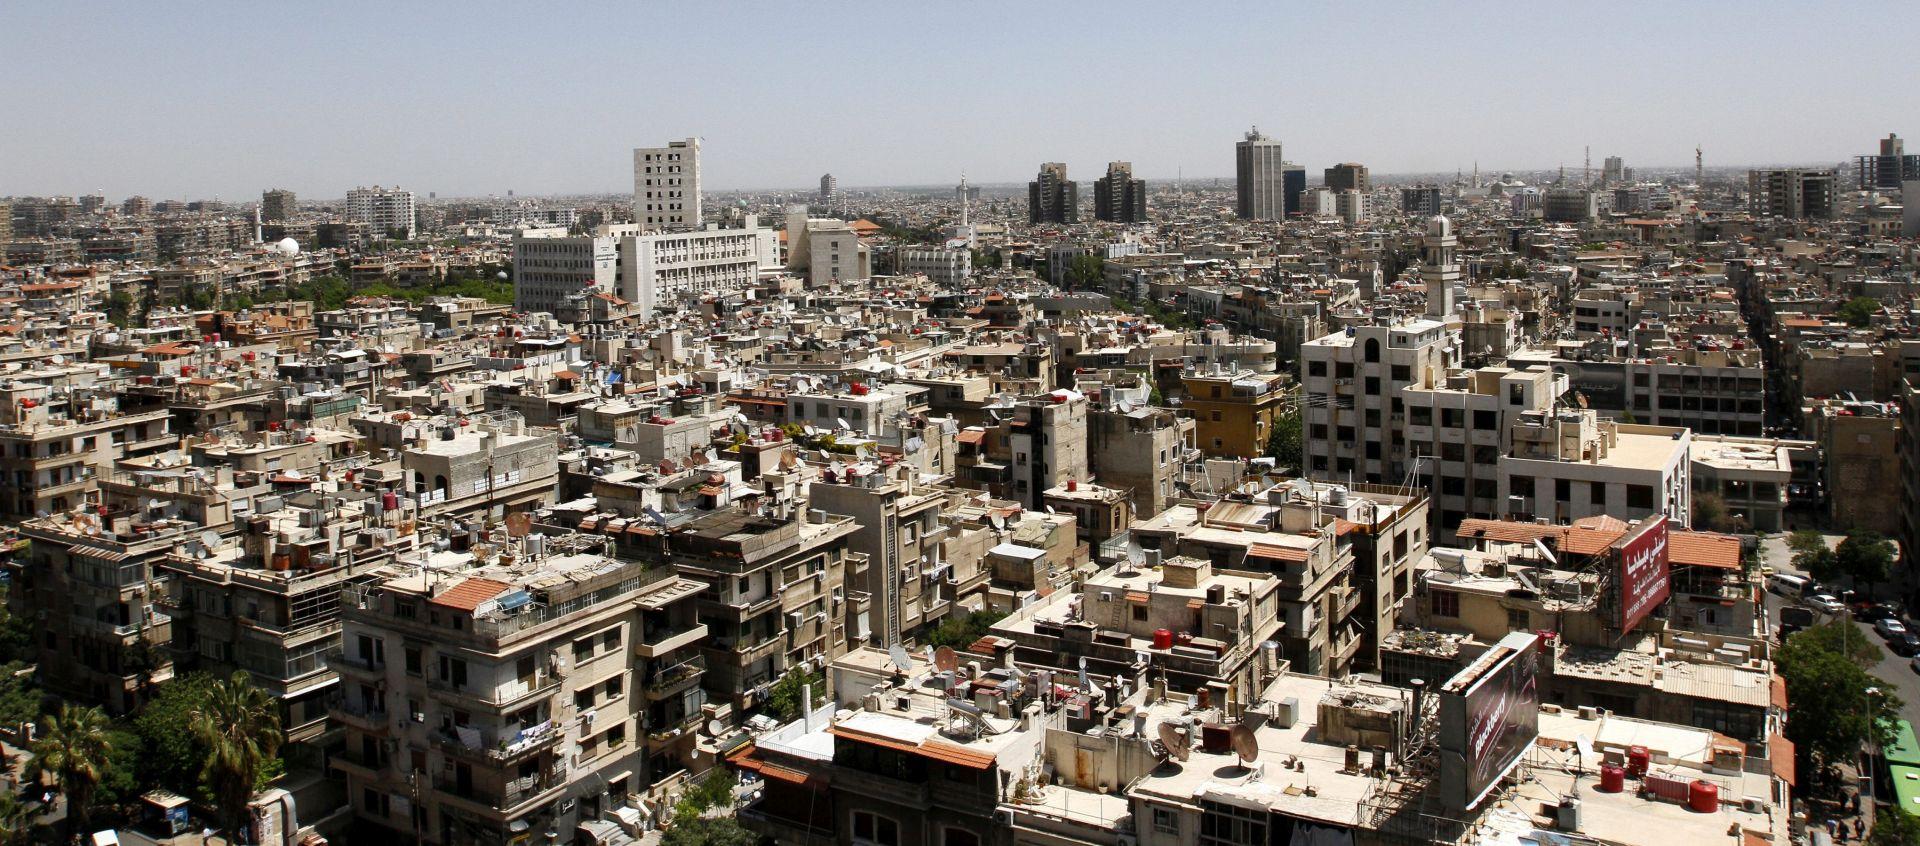 Sirijski režim koristi krematorij kako bi prikrio masovna ubojstva, tvrdi SAD